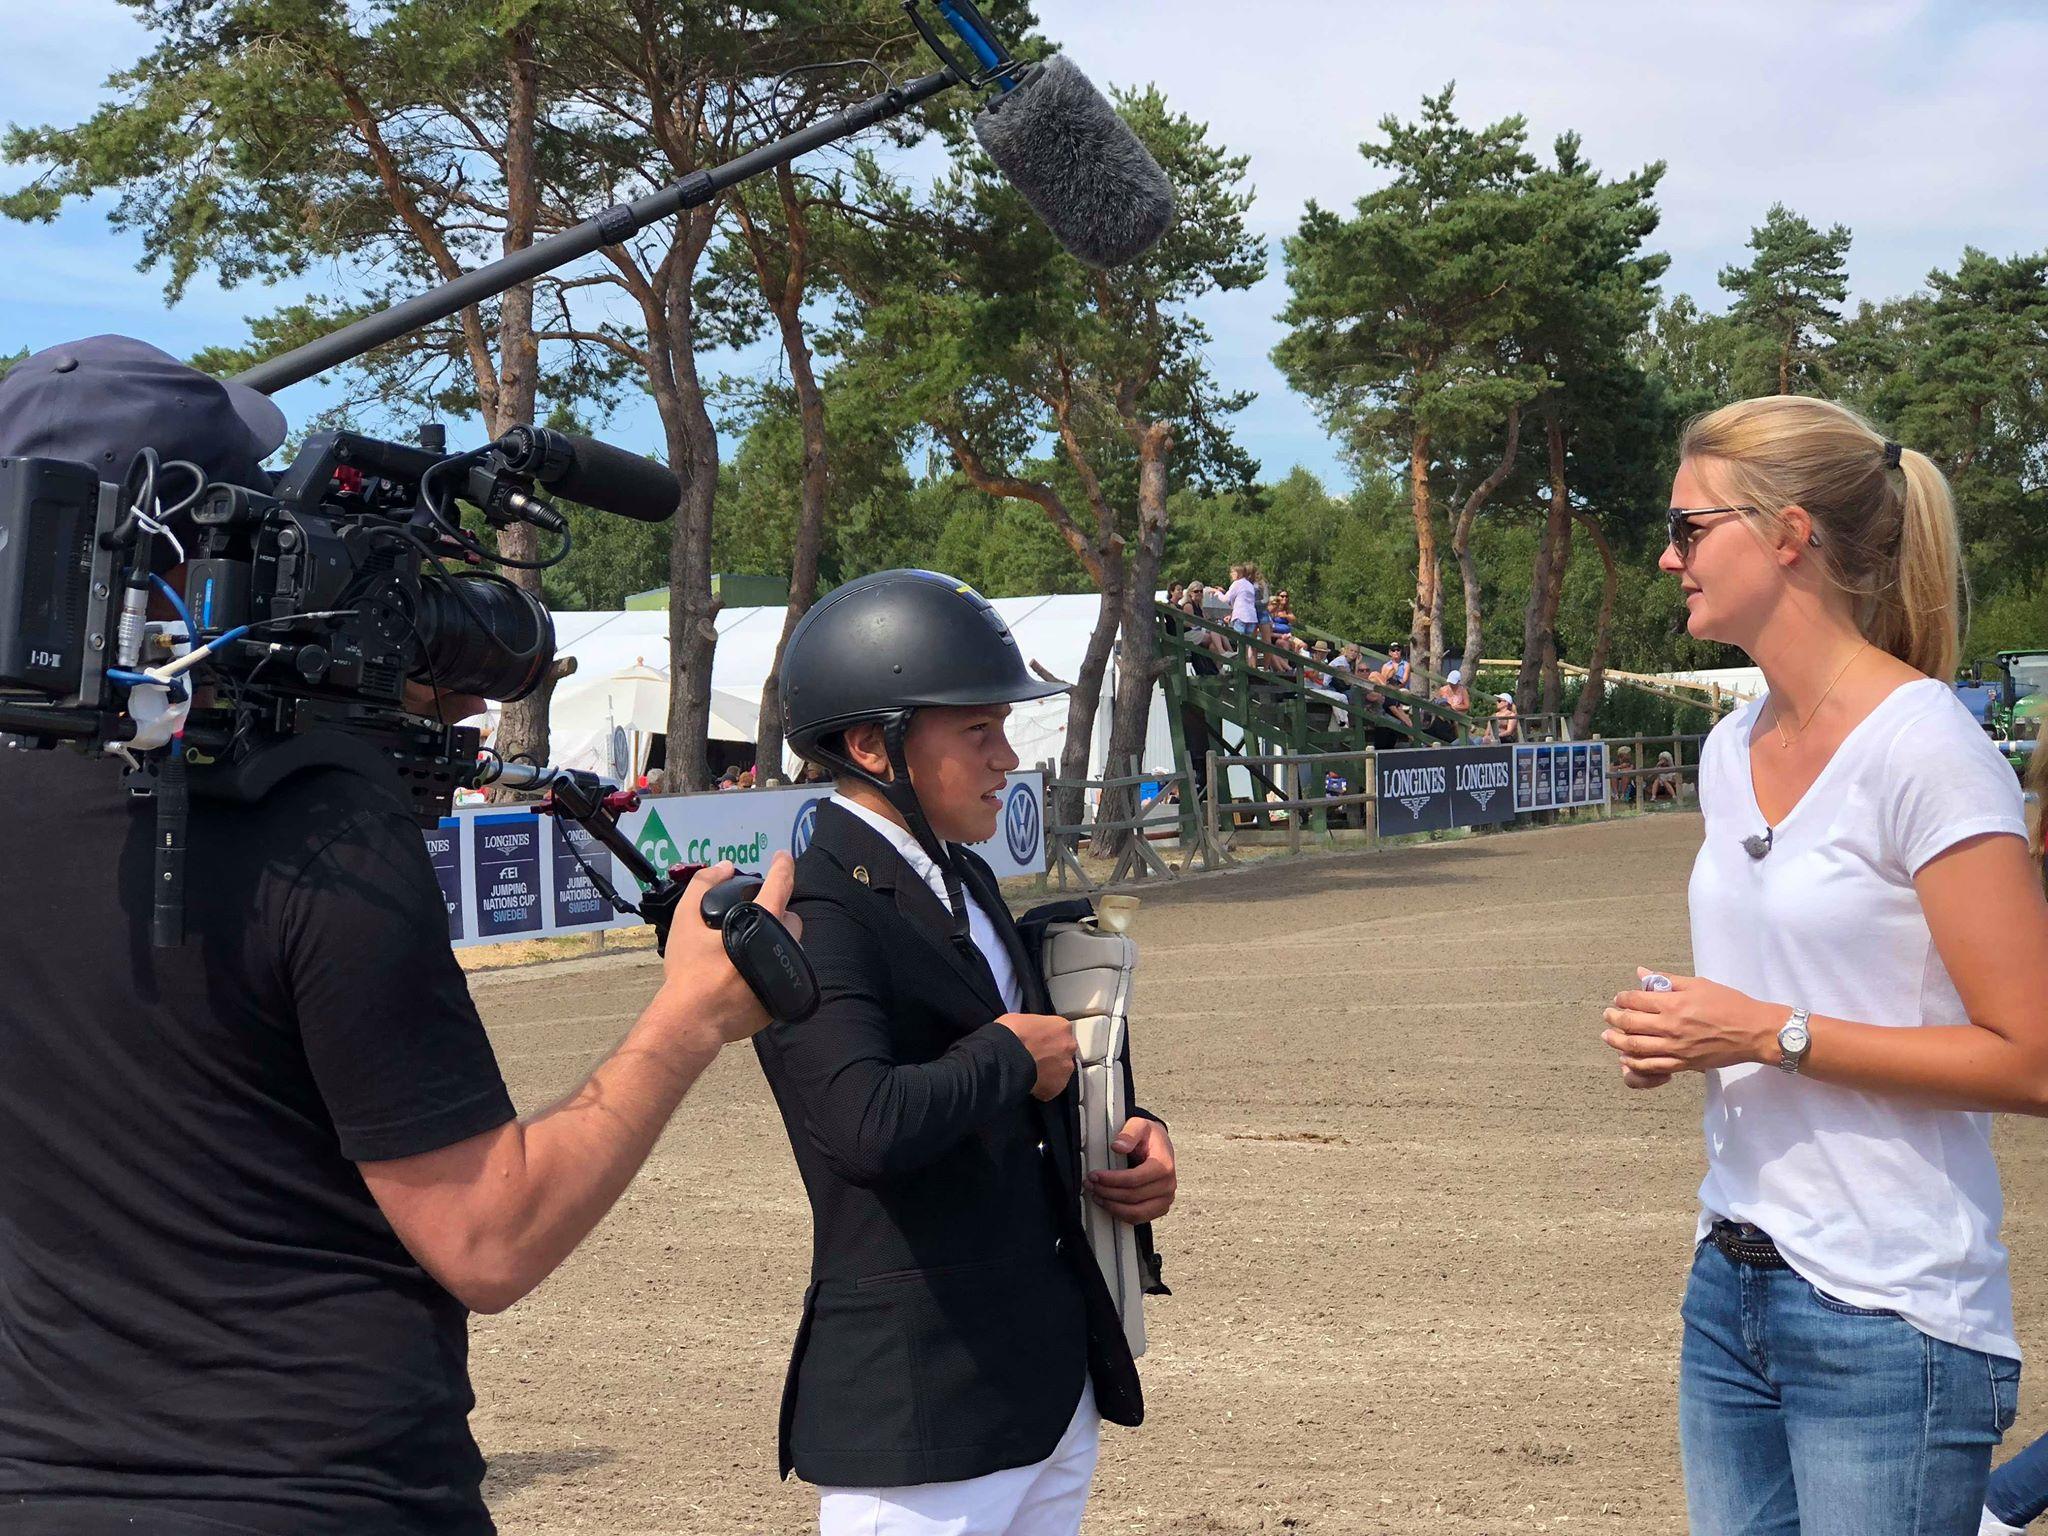 Svt filmar Ingemar efter andraplatsen på Falsterbo